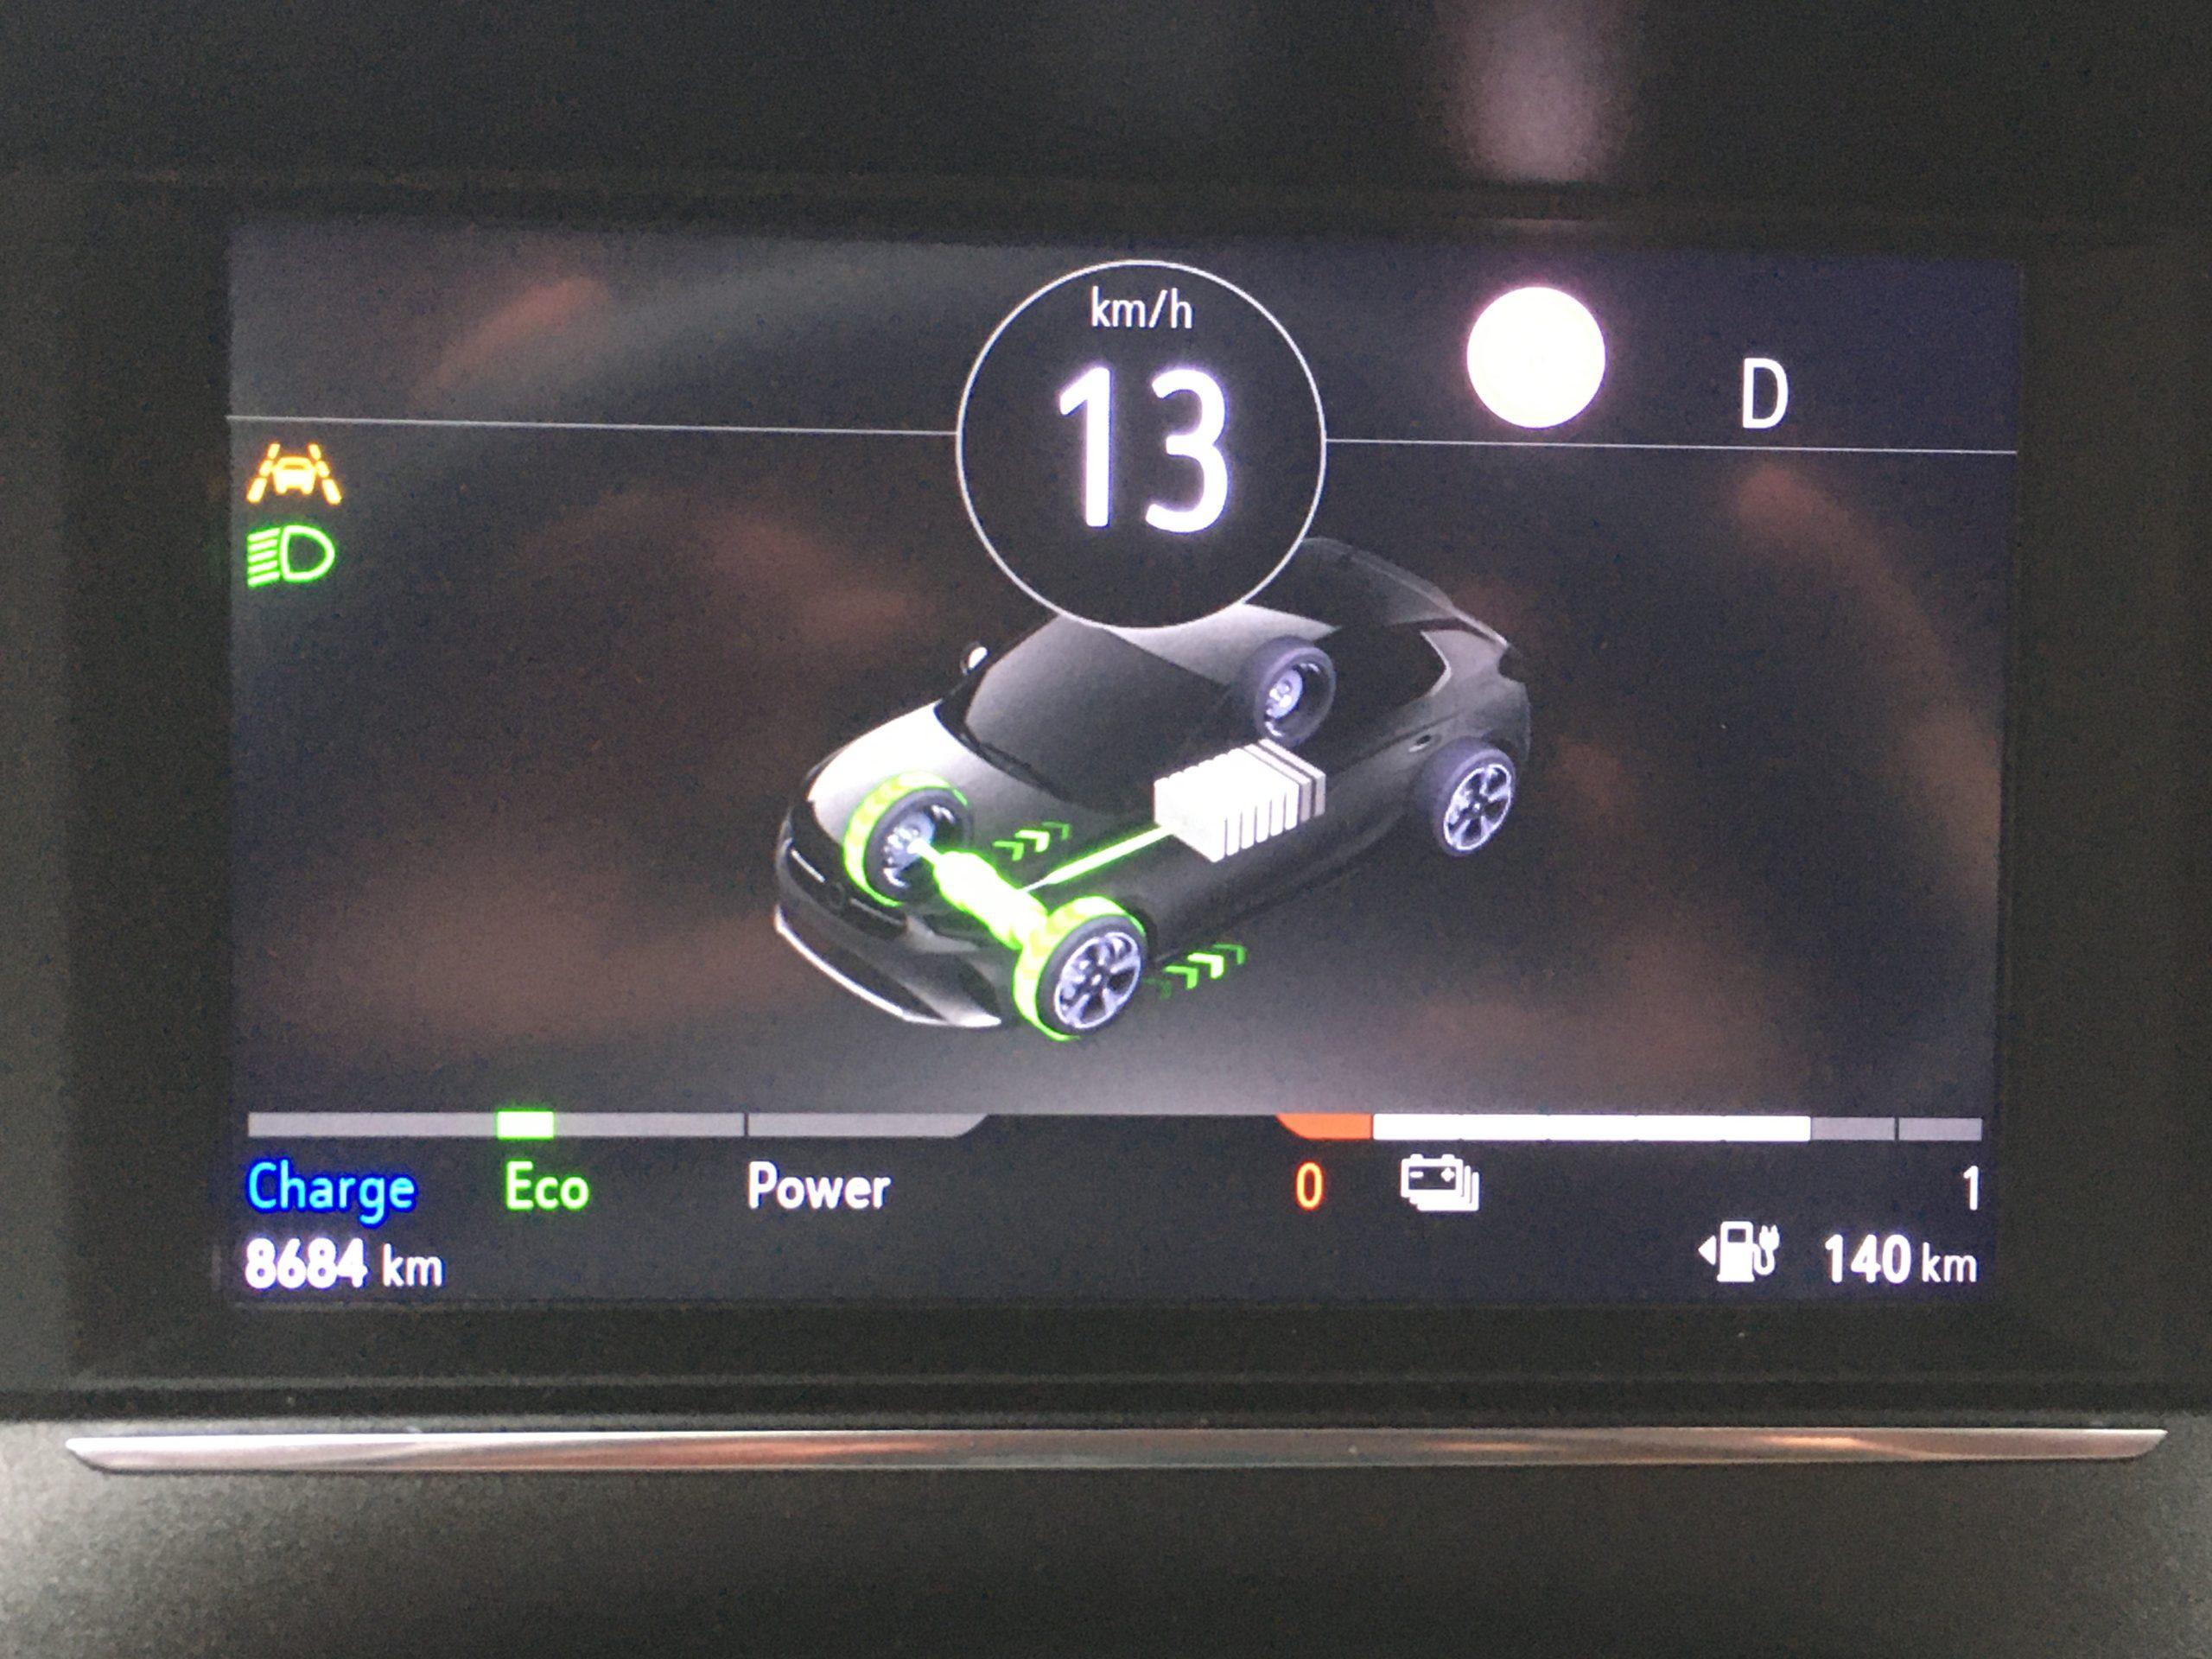 Kierowca Corsy jest dobrze informowany o parametrach bezemisyjnej jazdy